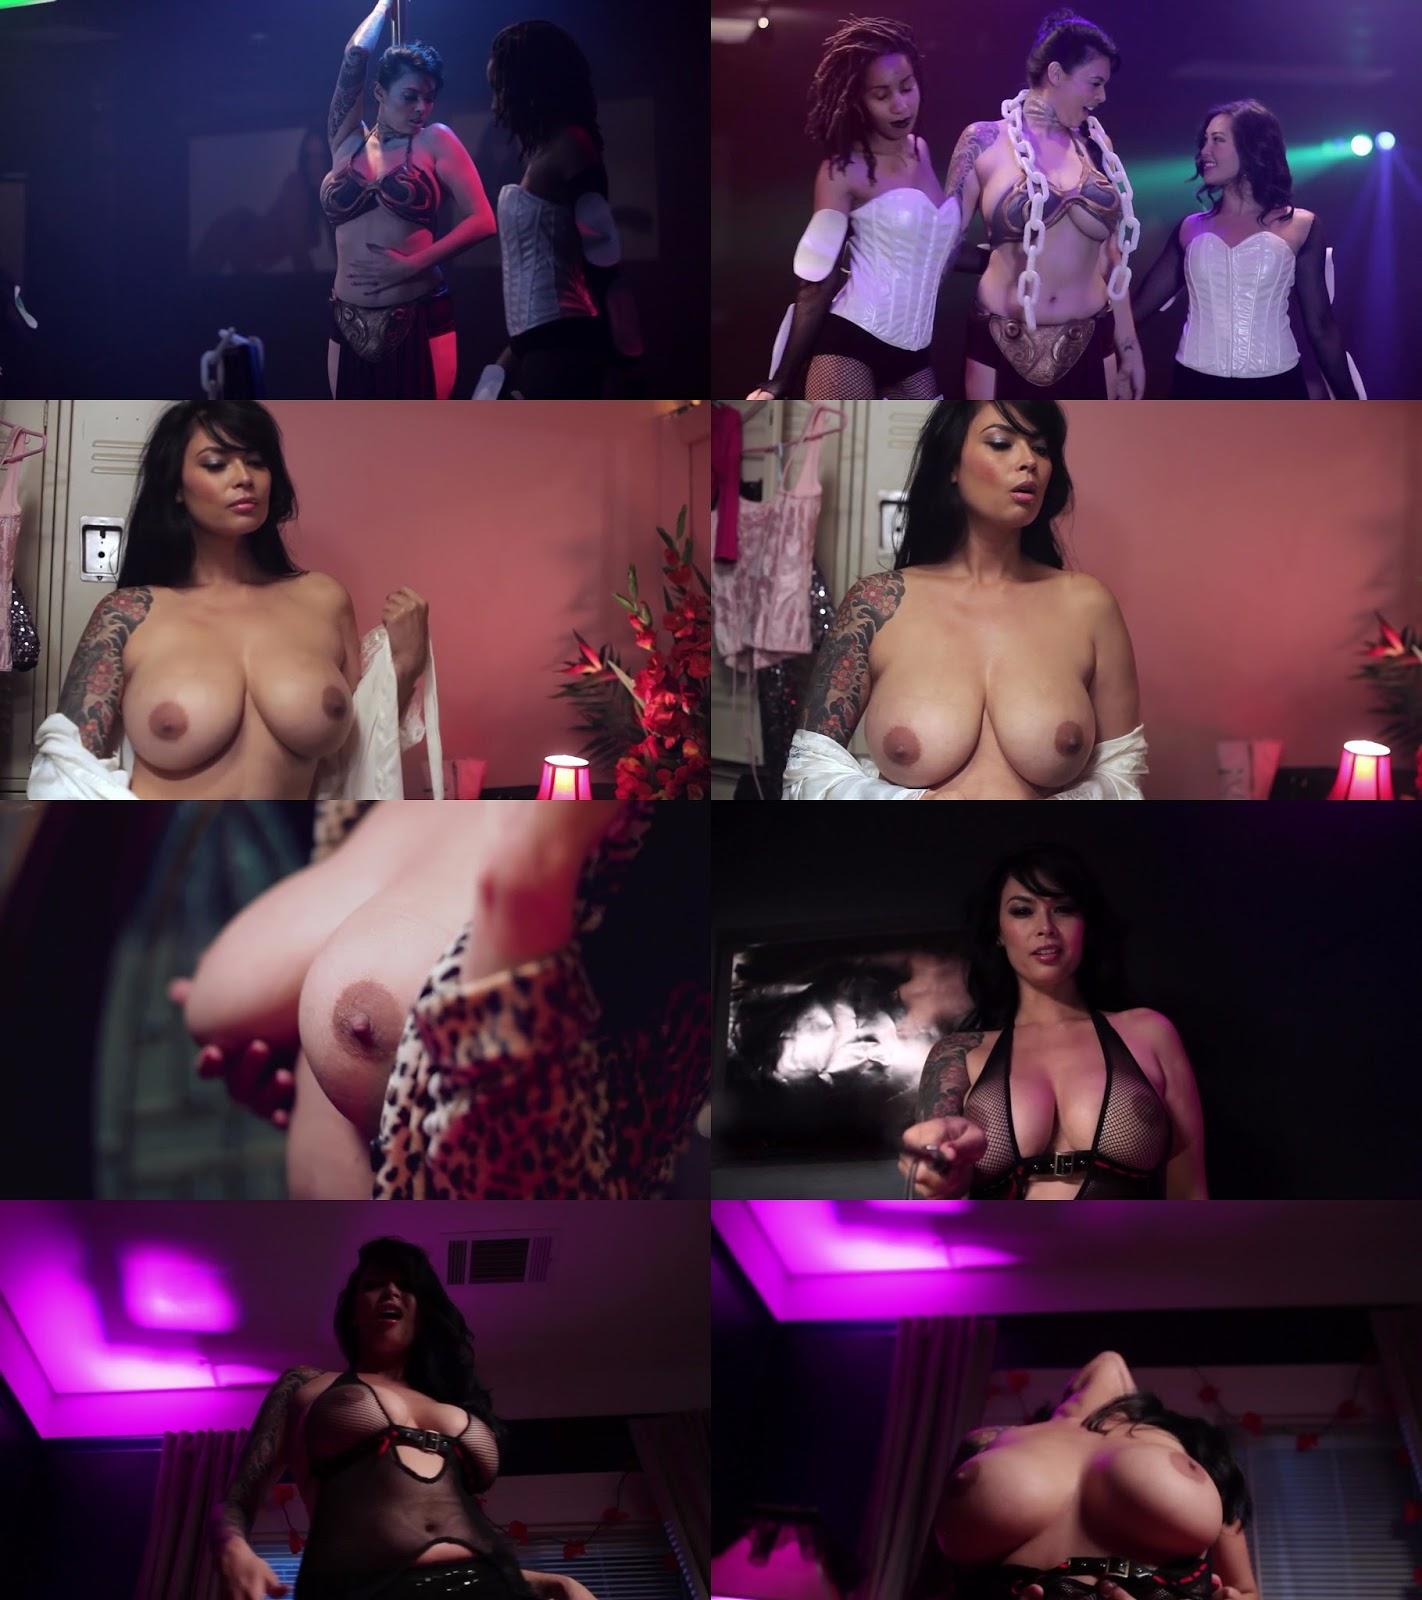 Tera patrick movies-6319